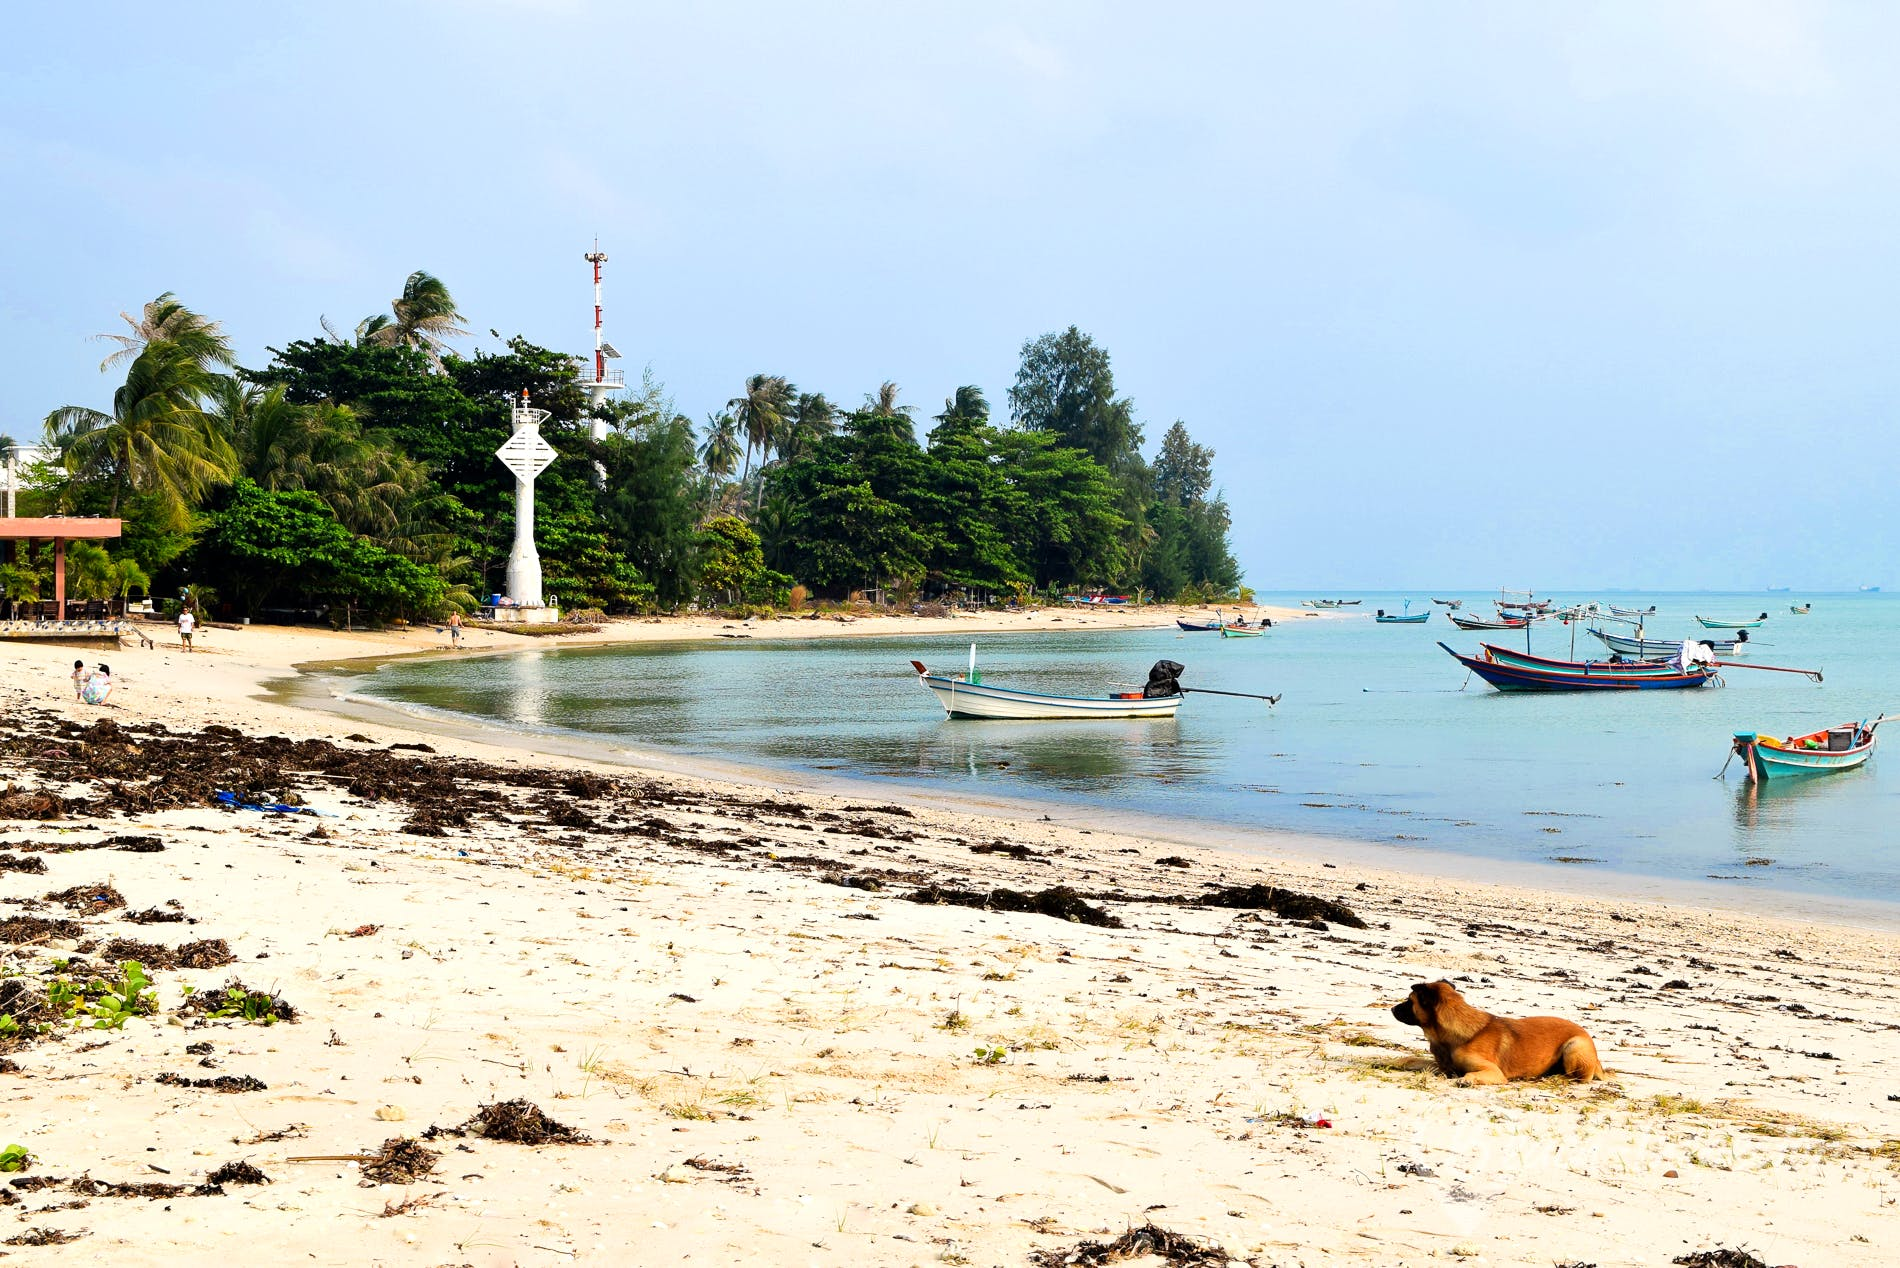 Beach Thong Sala Beach, Koh Phangan, Thailand